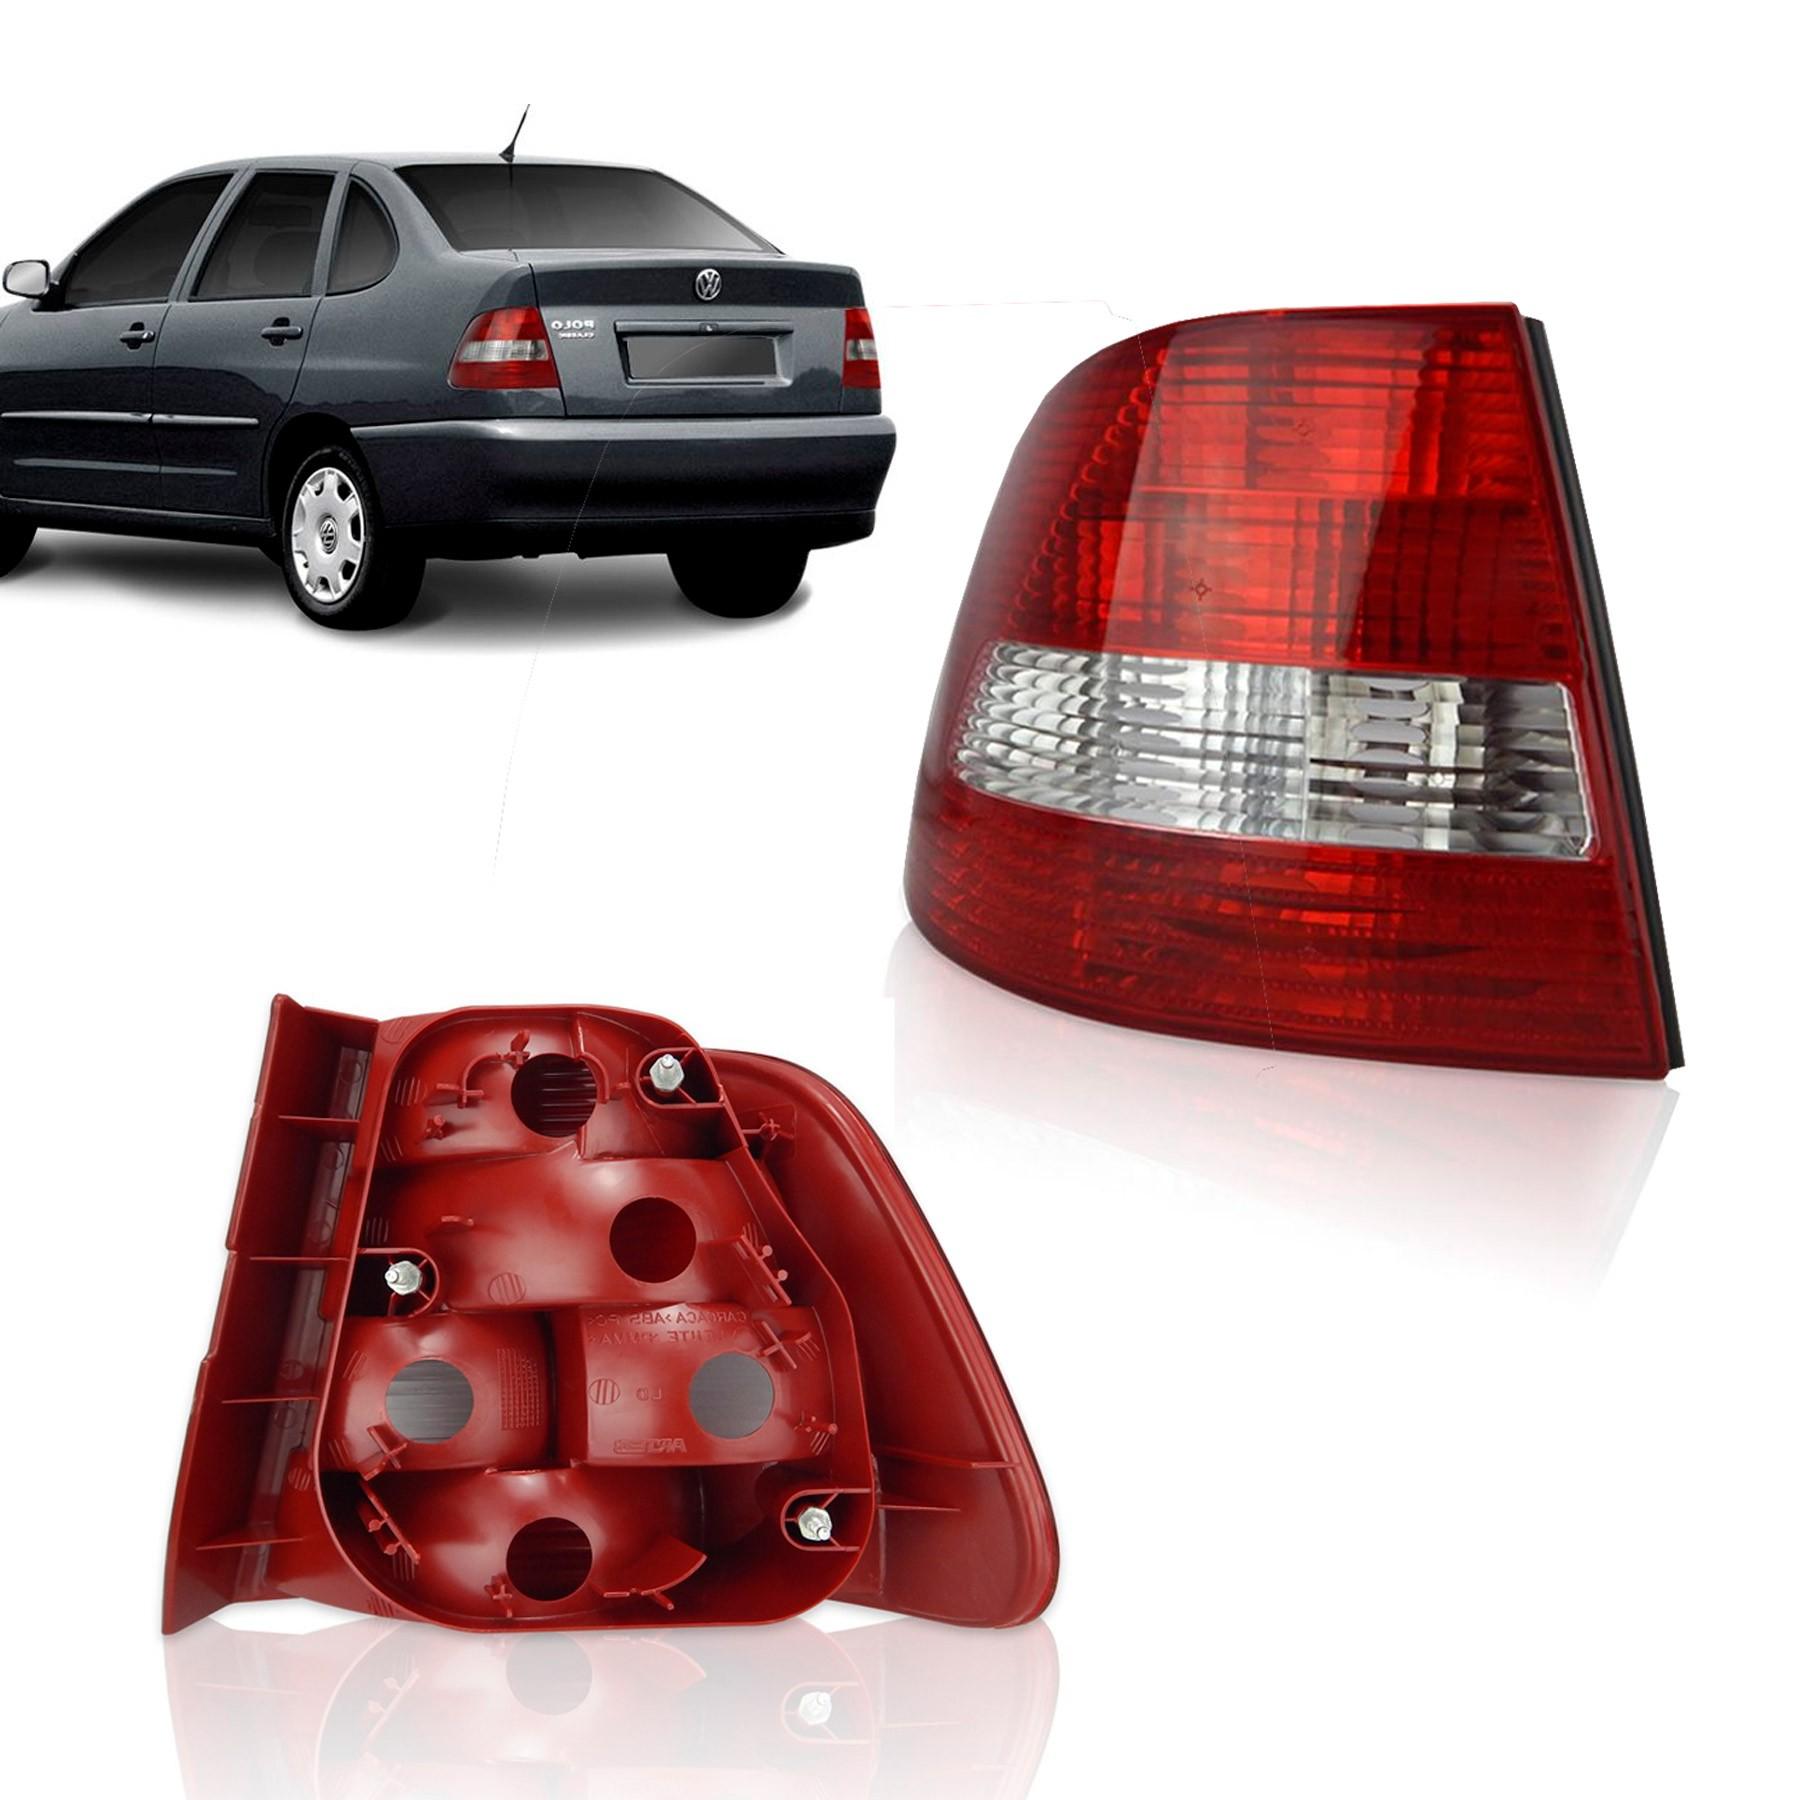 Lanterna Traseira Esquerda Polo Classic Sedan Arteb 2001 a 2002